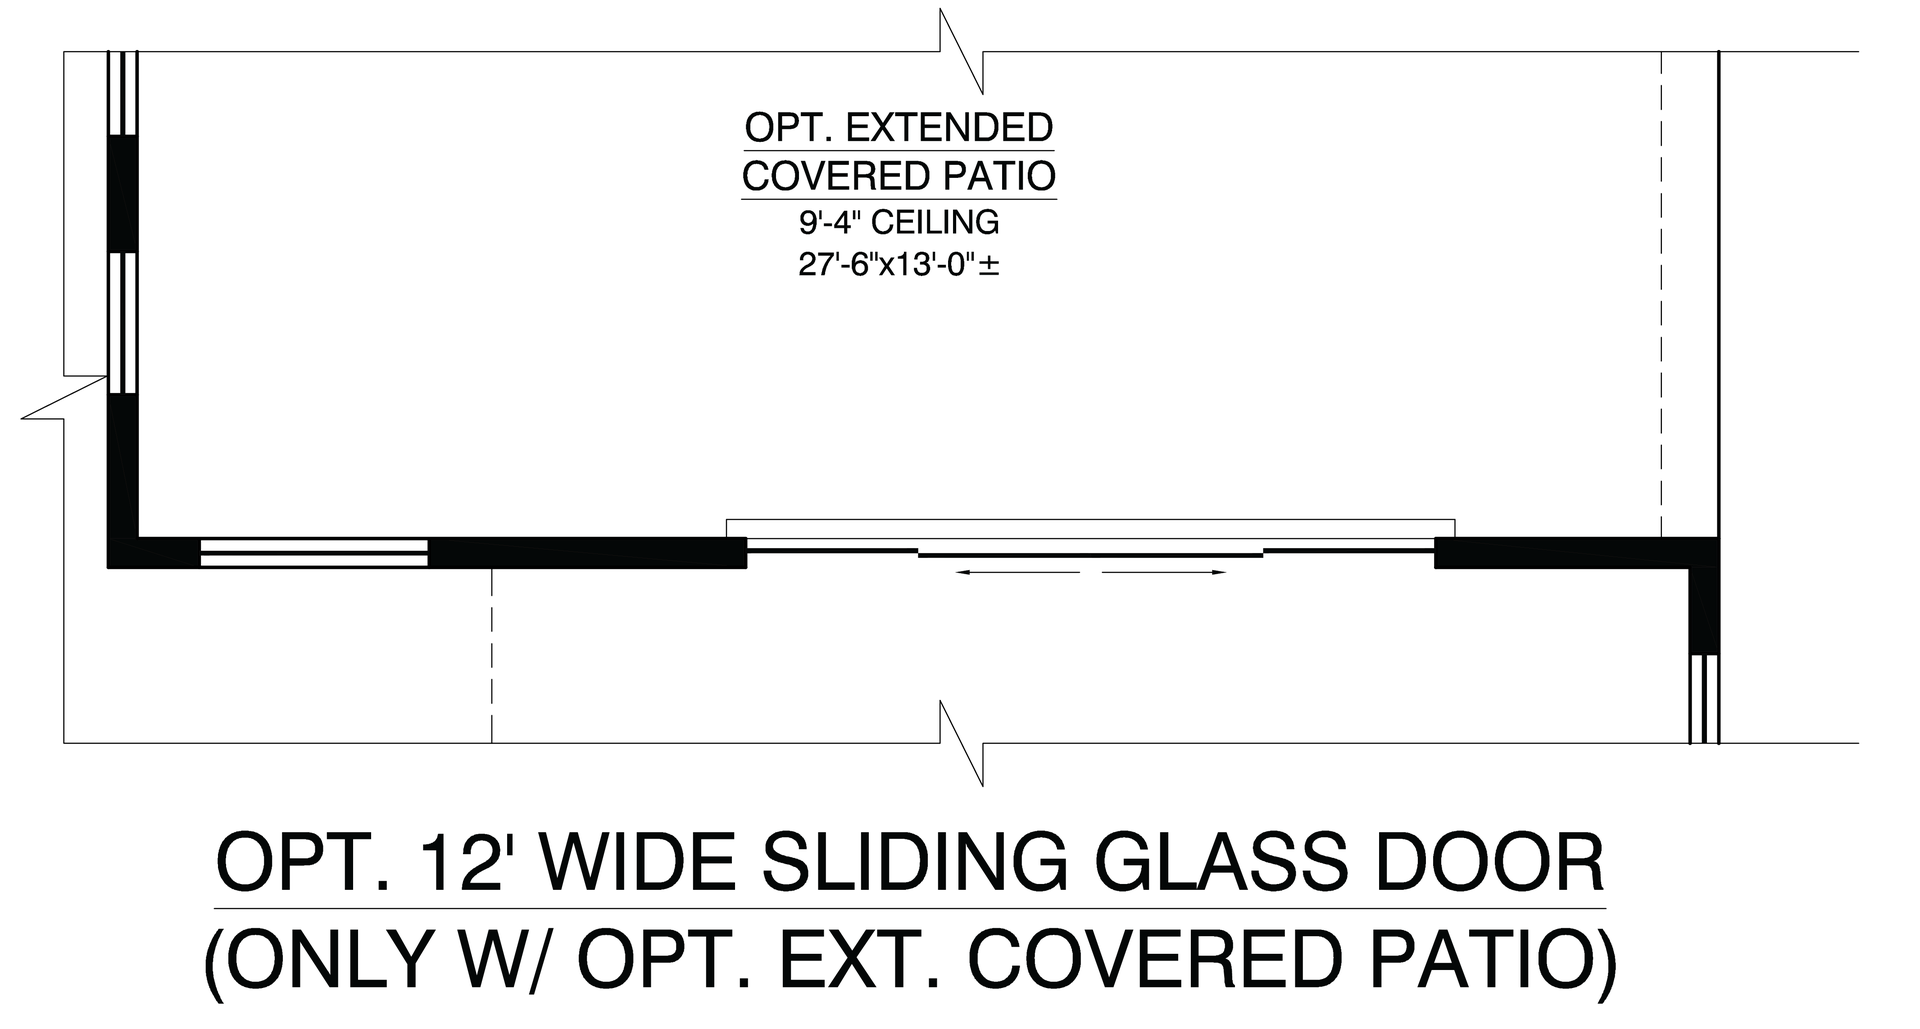 Optional Sliding Glass Door